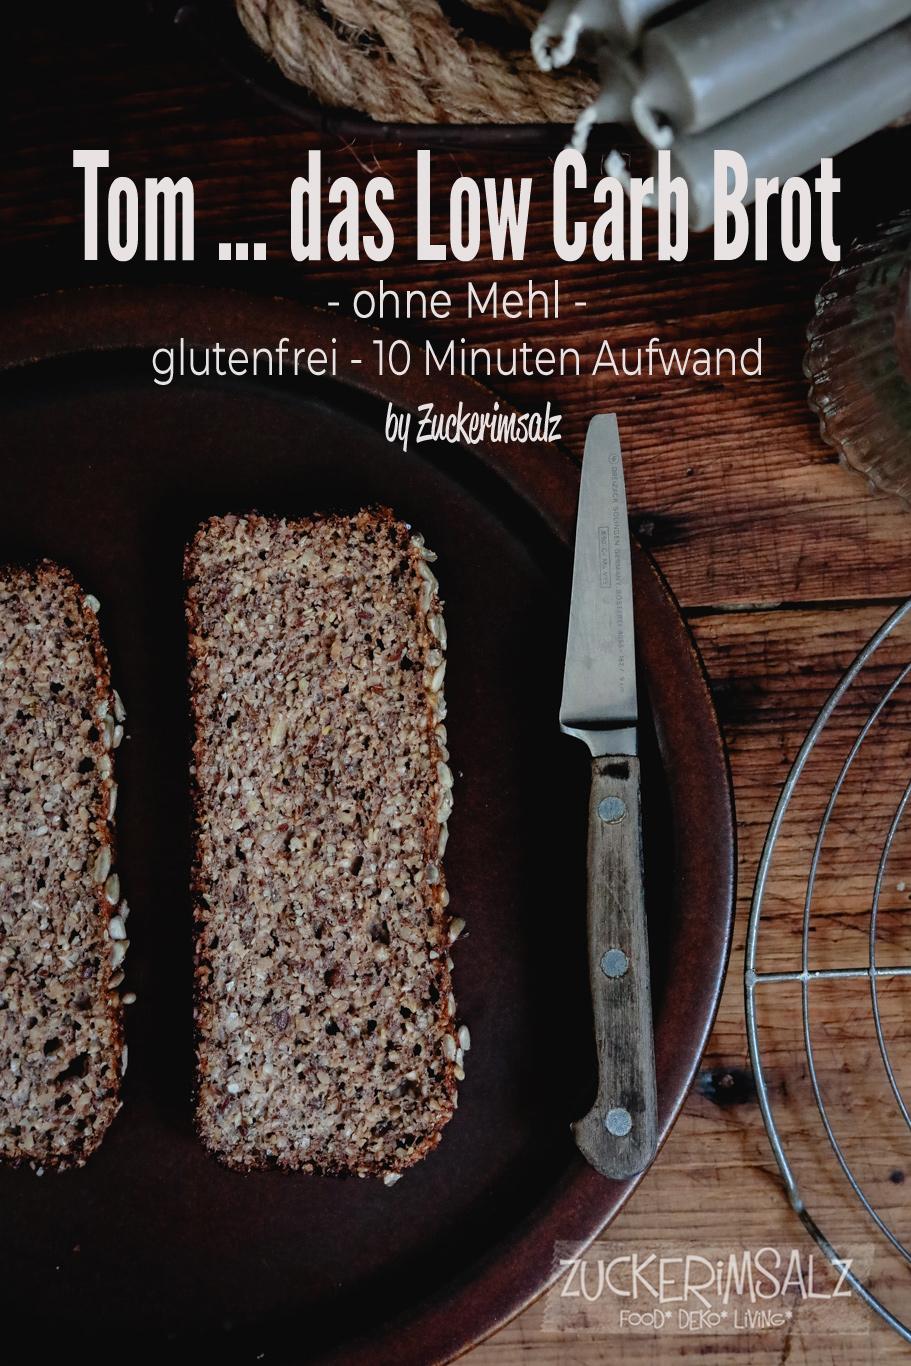 Tom … das Low Carb Brot … ohne Mehl … und nur 10 Minuten Aufwand